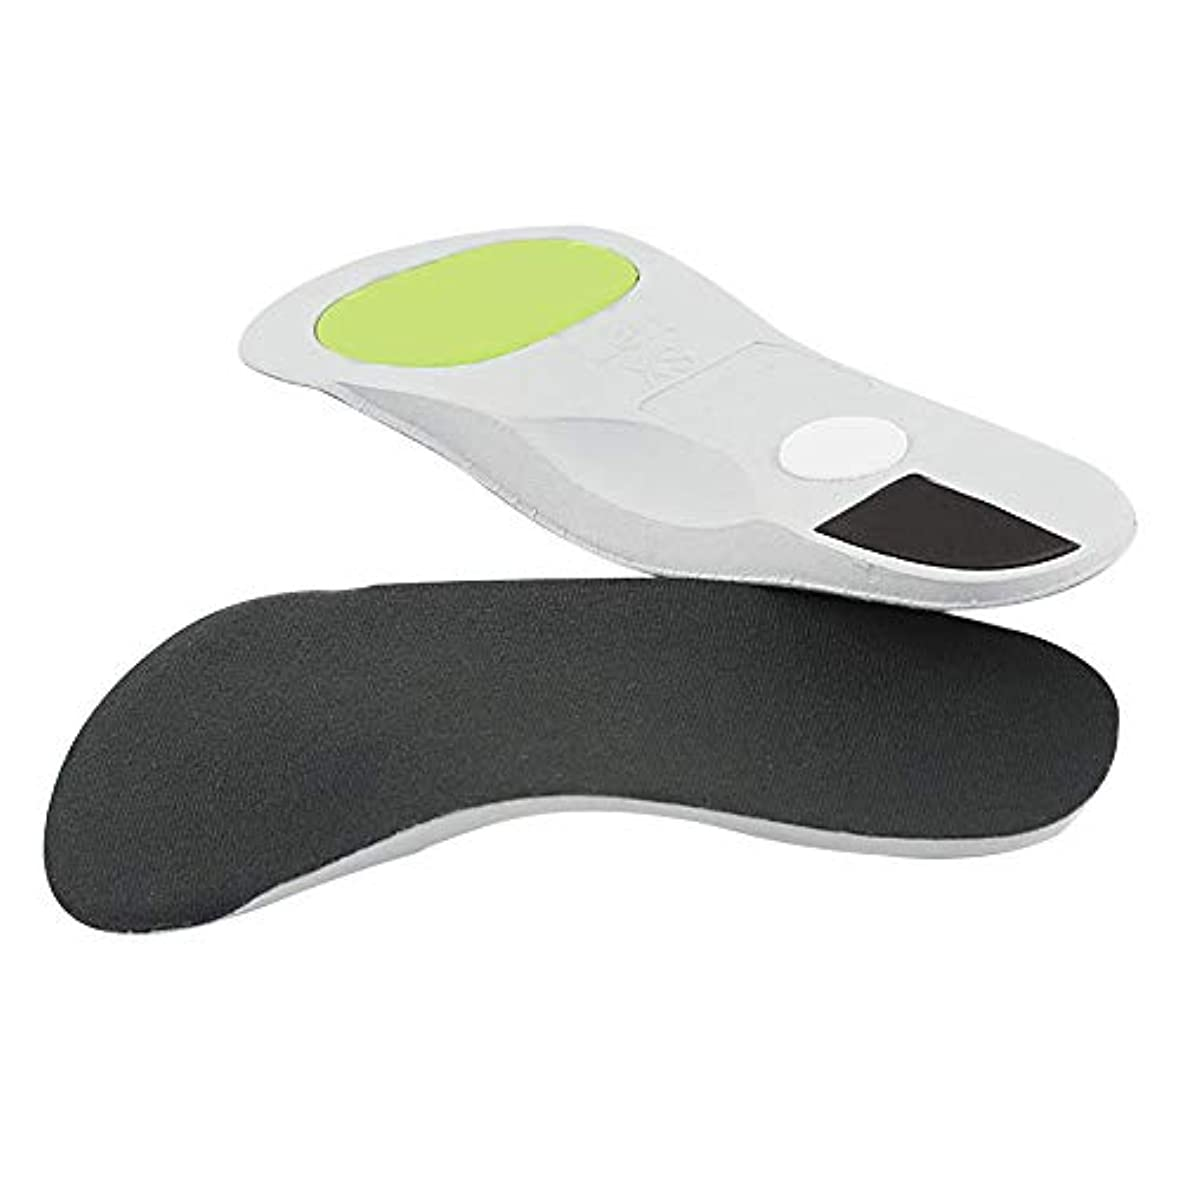 厳姪時間厳守矯正インソールアーチサポートインソールトリートメントフラットフット足の痛みを和らげますフィットネス、ランニング、テニス用の通気性のある滑り止めアーチヒール,L